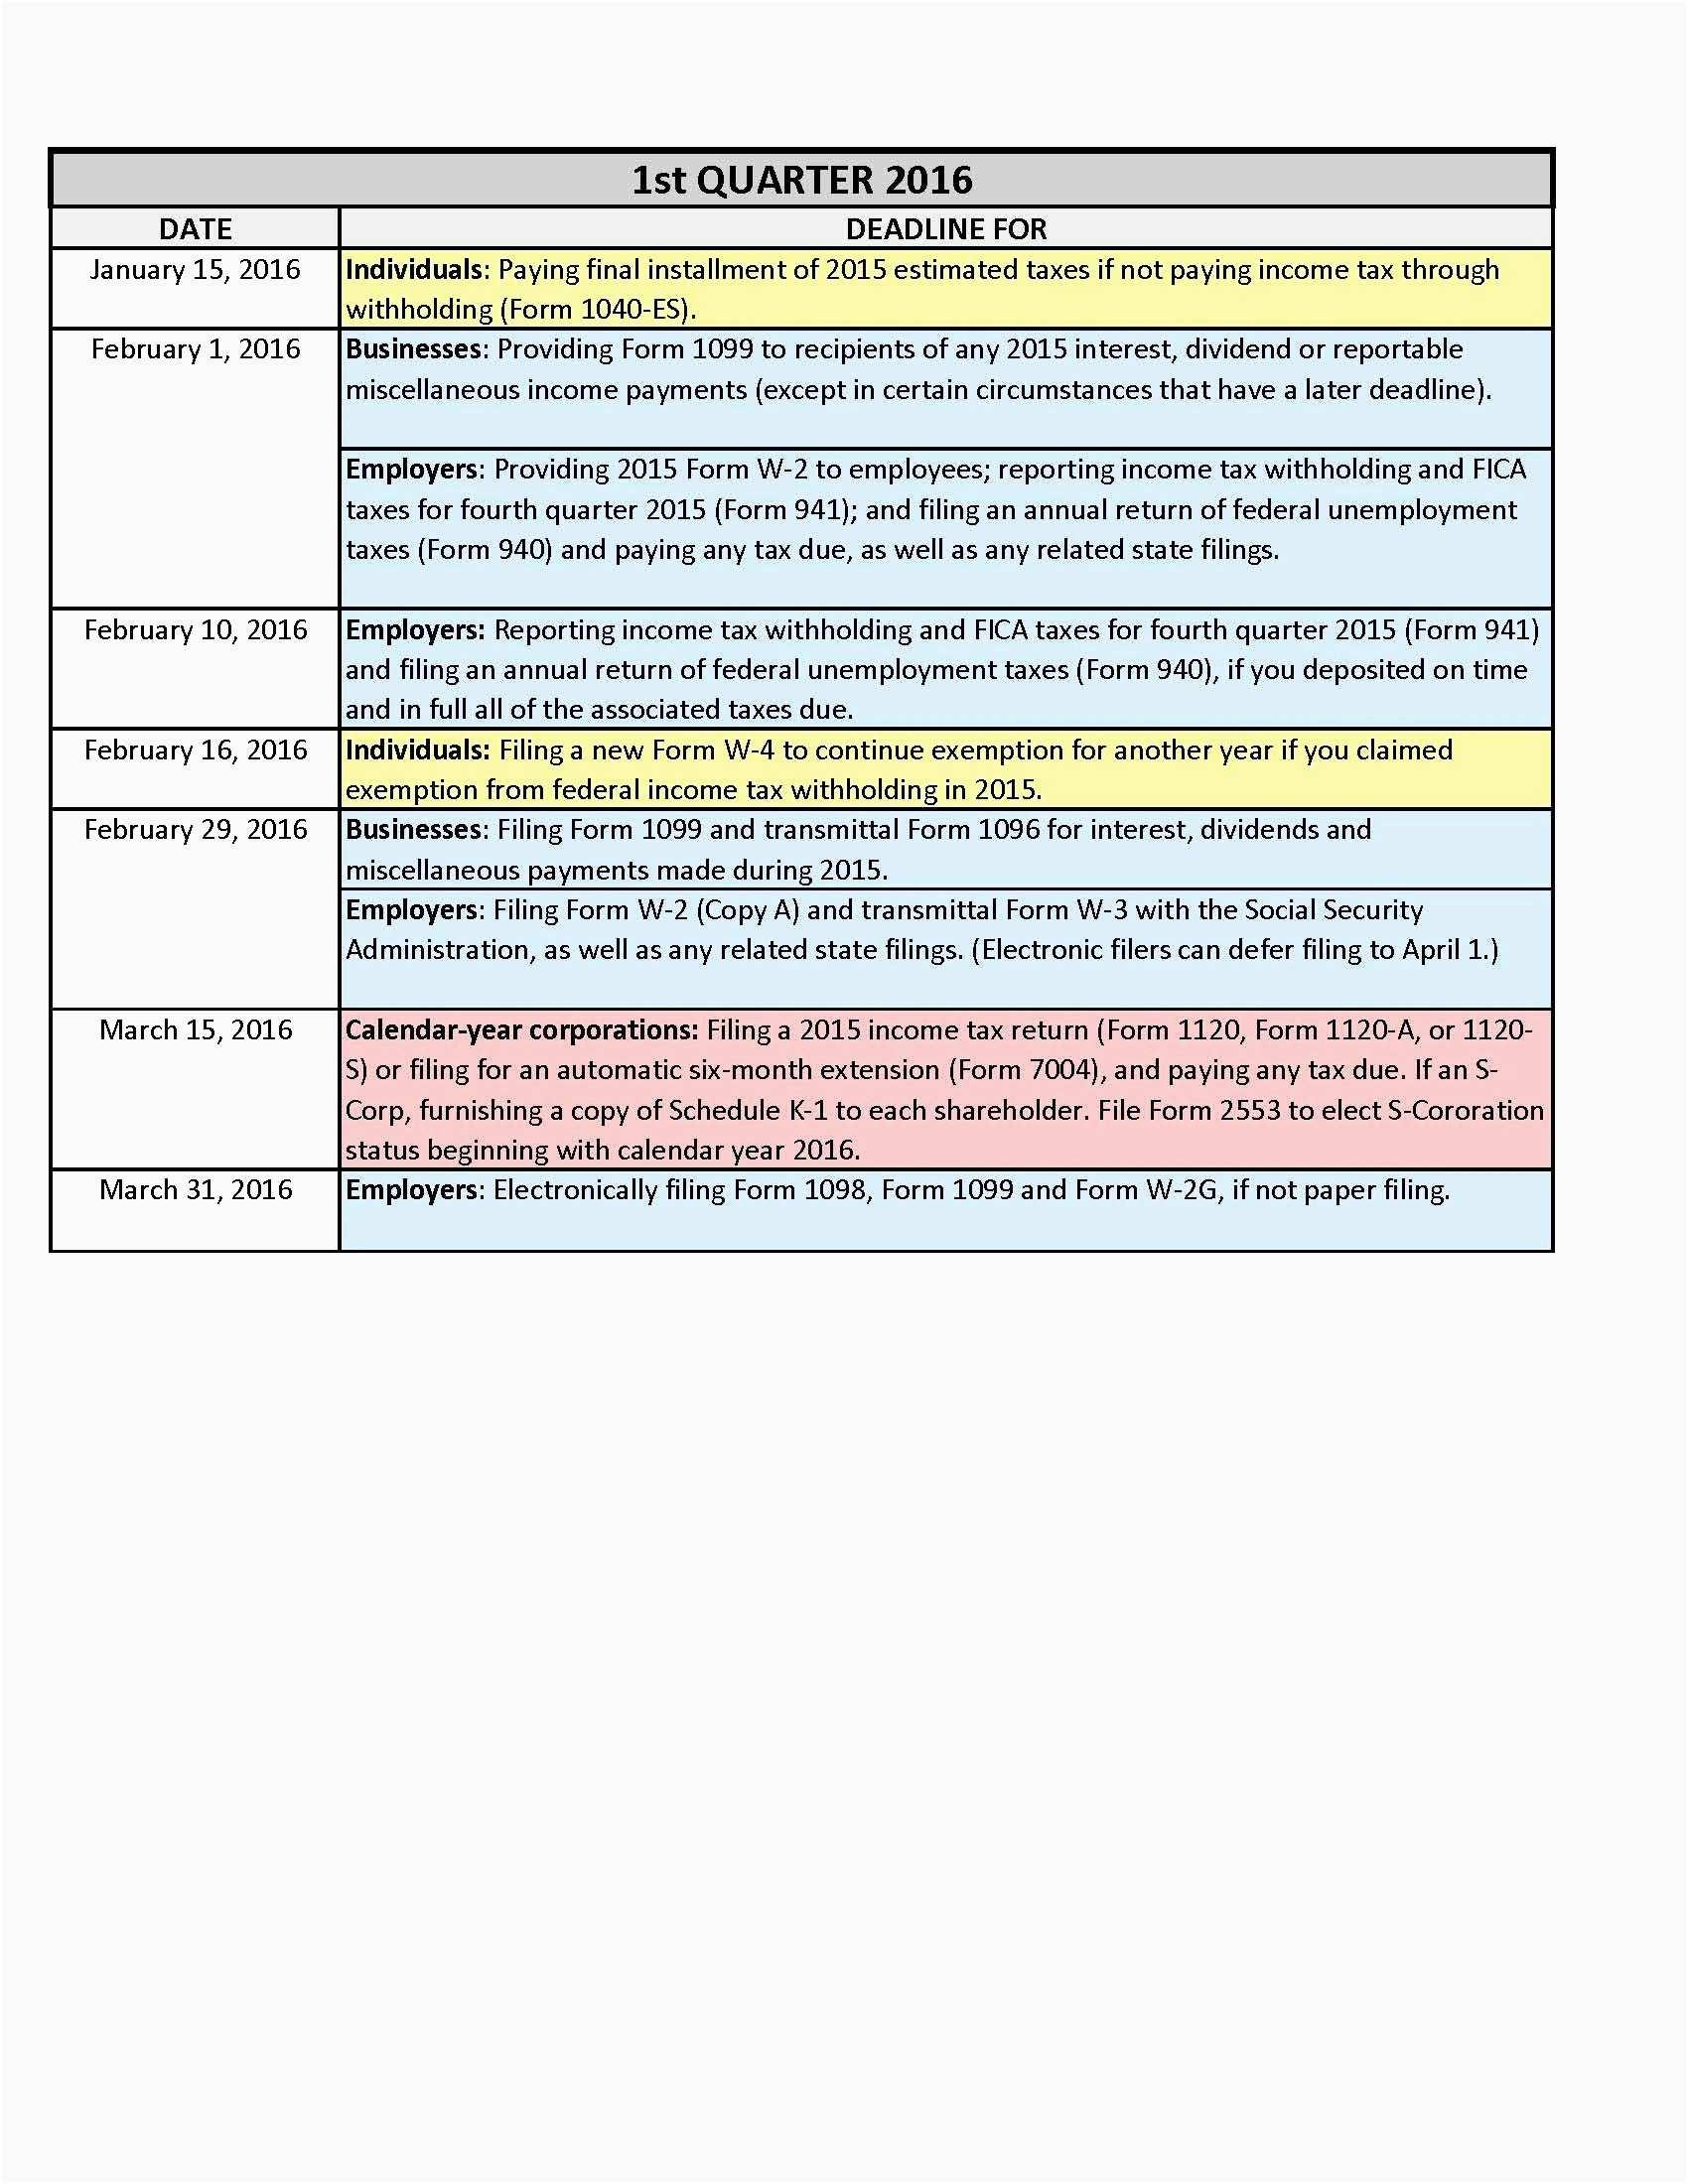 March 6 Calendar Más Recientes 20 Best K 1 form 1041 Examples Of March 6 Calendar Actual March 24 2019 Calendar